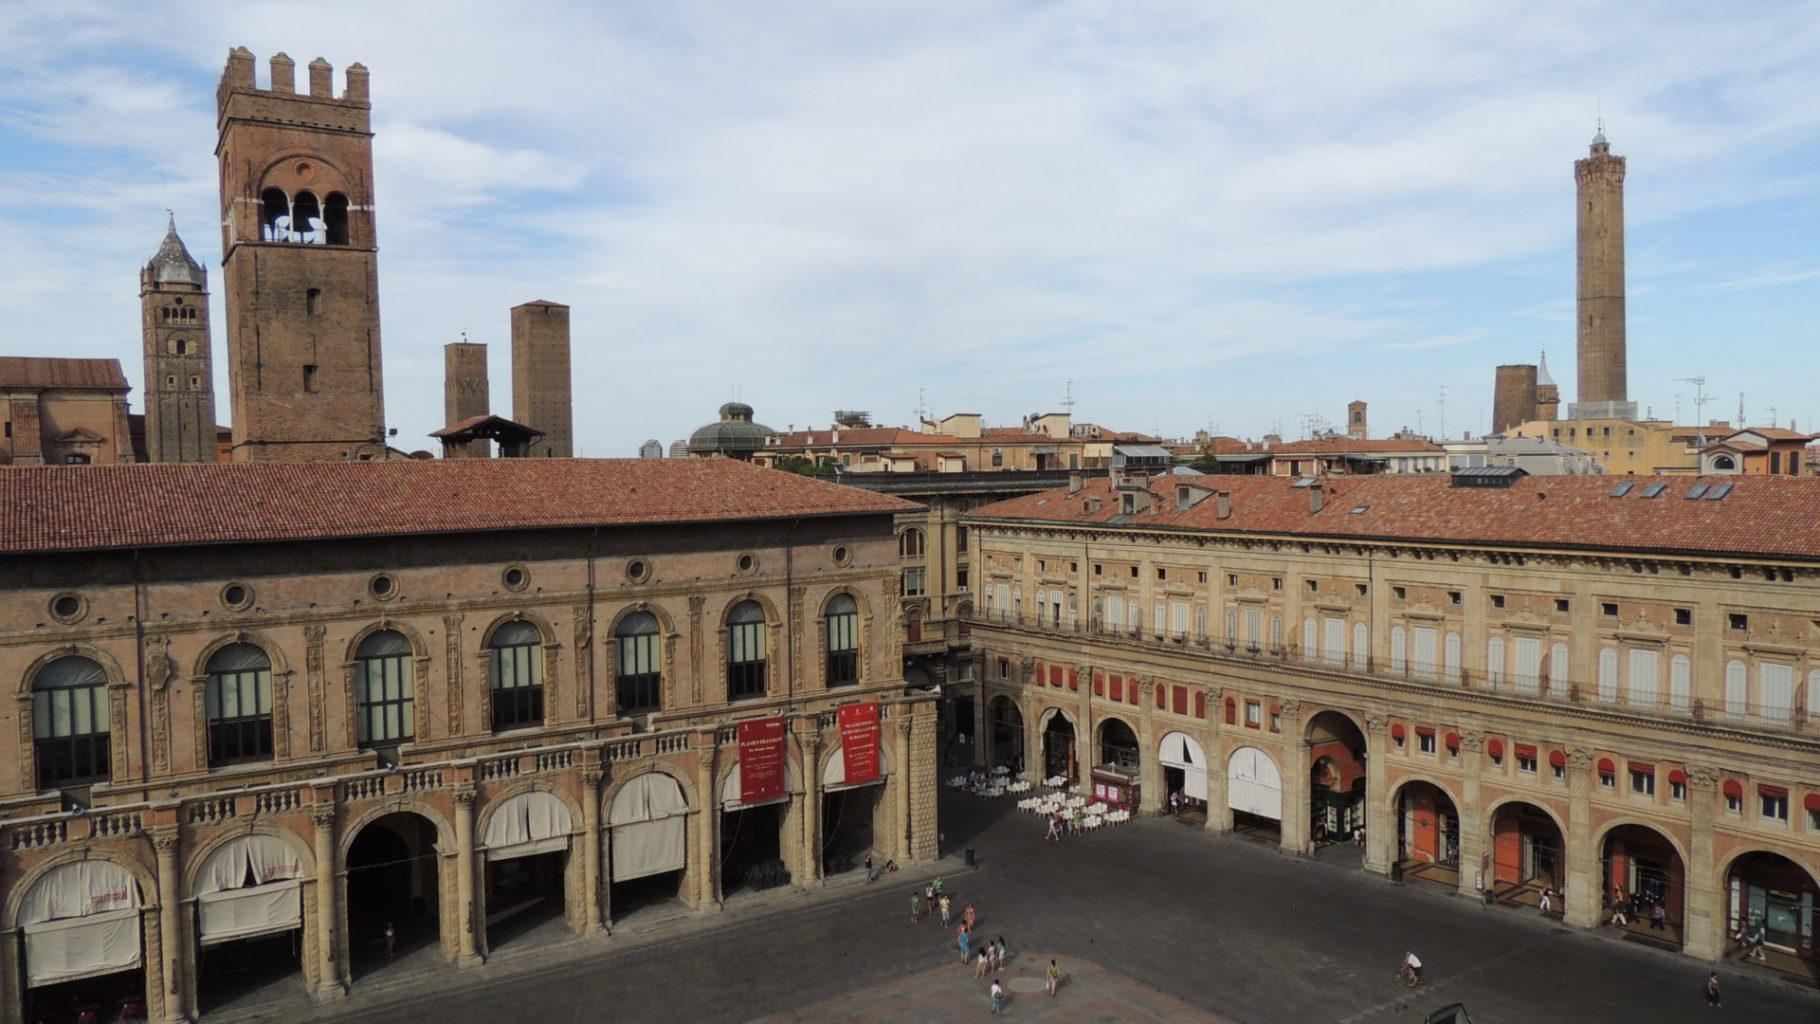 """Bologna: Das wohl bekannteste Wahrzeichen der Stadt sind die beiden Türme """"Torre degli Asinelli"""" und """"Torre Garisenda"""". Quelle: www.kostenlose-fotos.eu"""